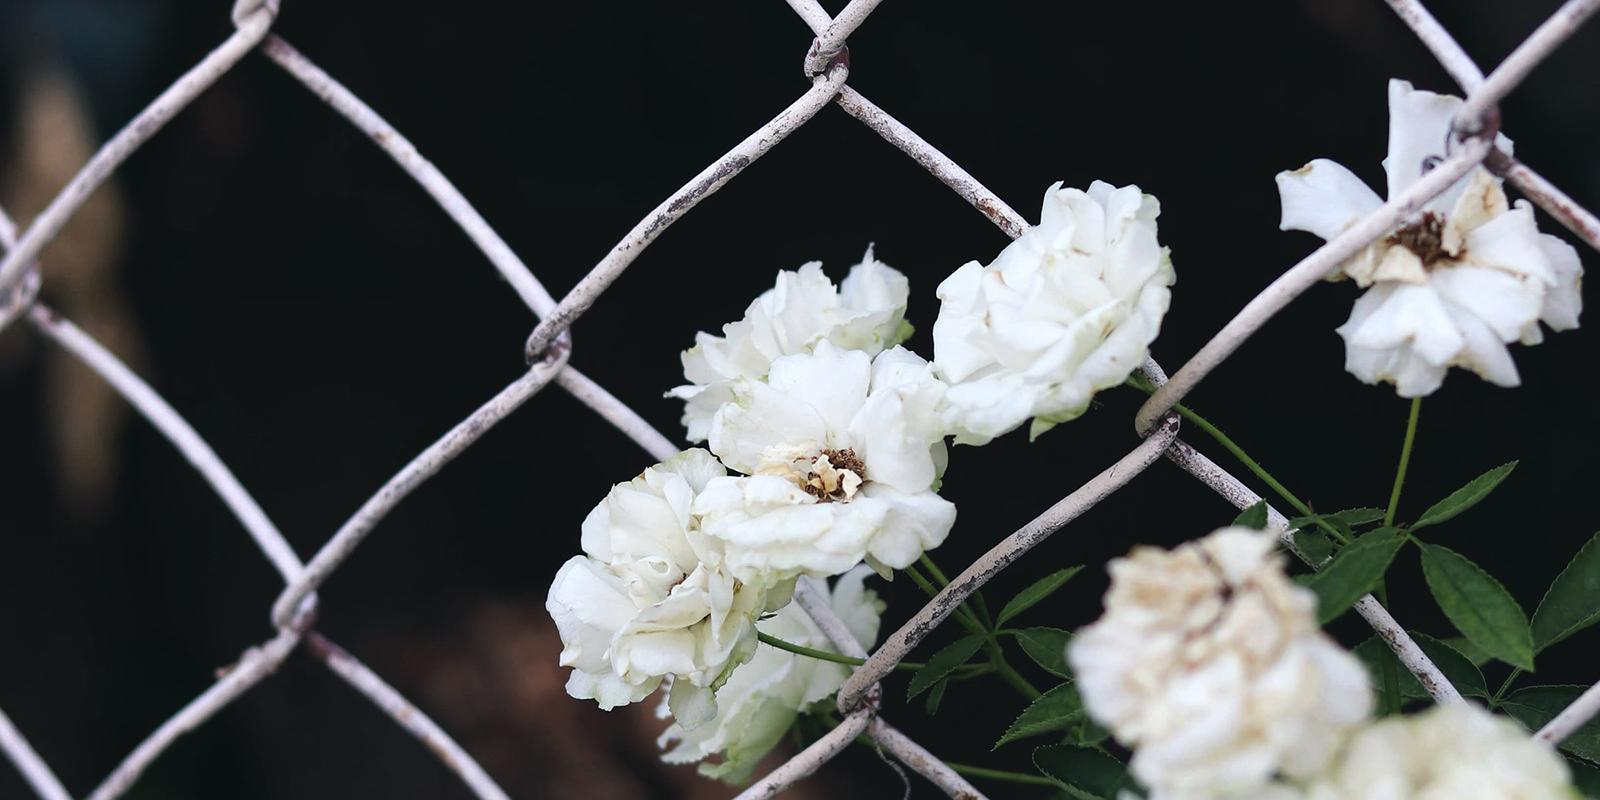 Valkoisia kukkia verkkoaidan takana.